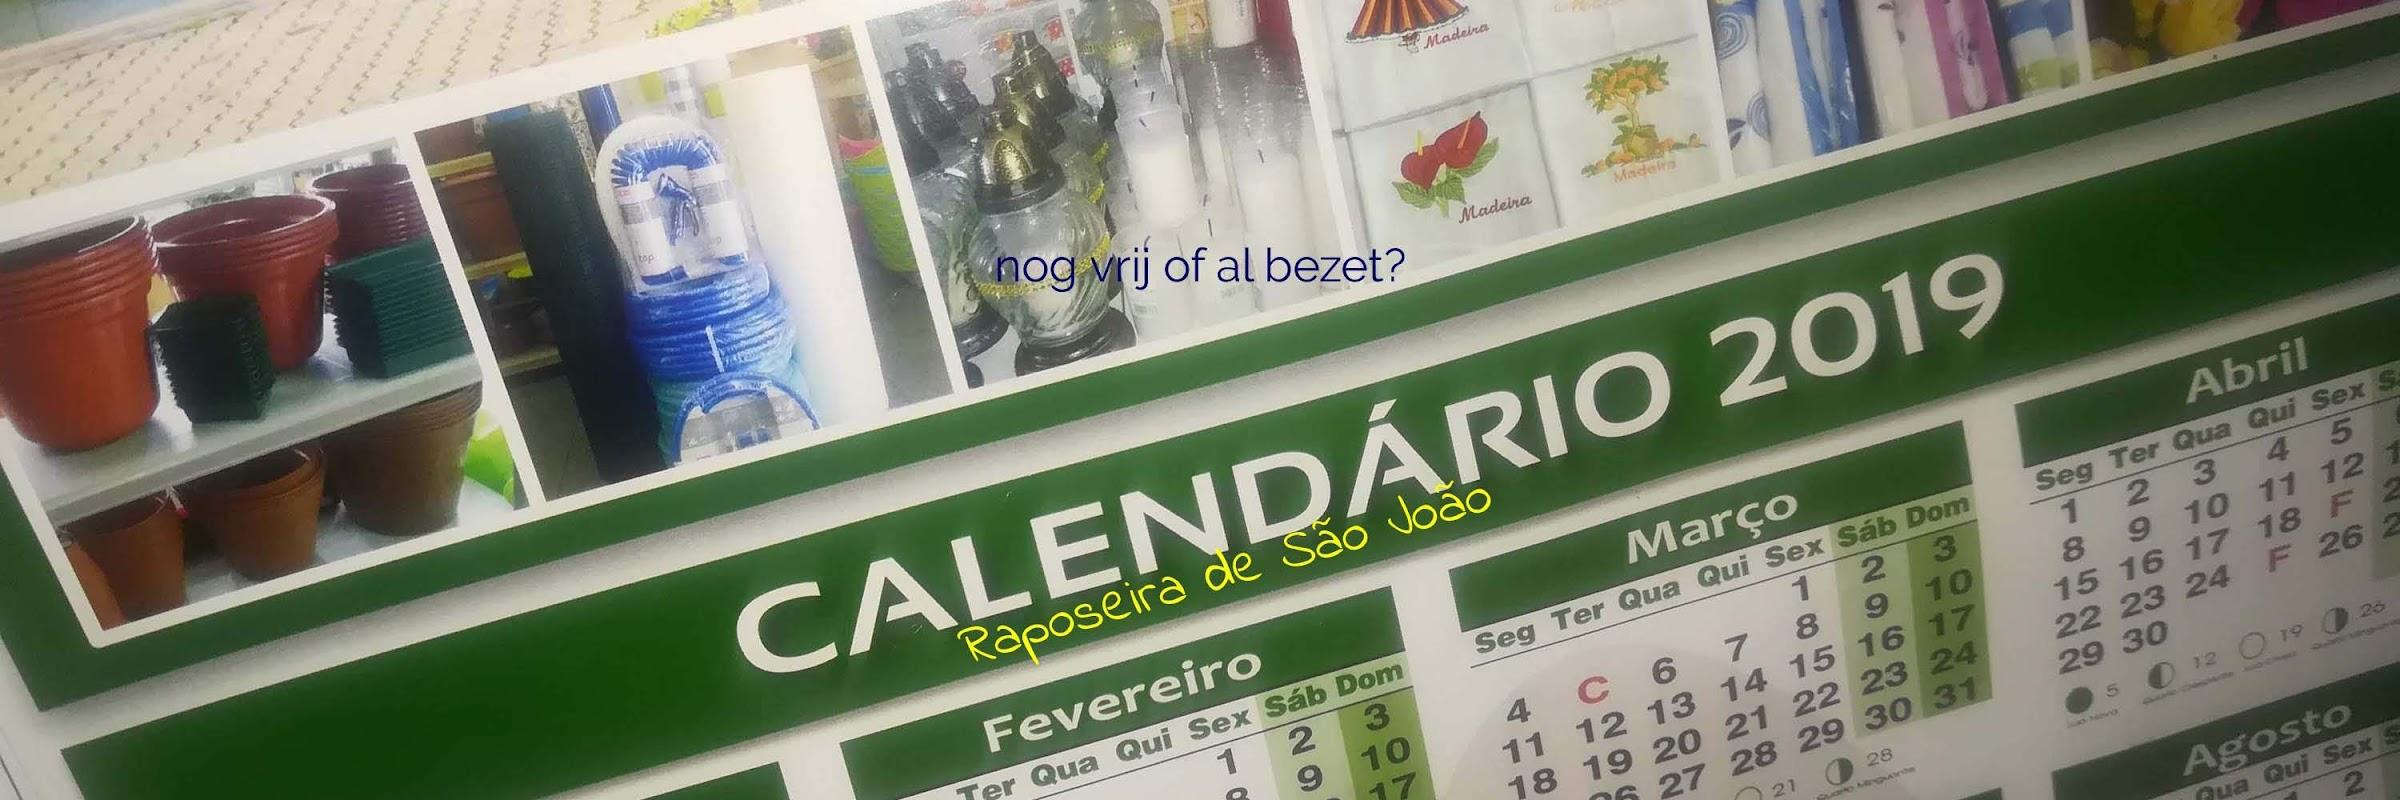 Als de prijzen voor ons vakantiehuis op Madeira je bevallen, kijk dan op de kalende of het huis vrij is als je wilt boeken!